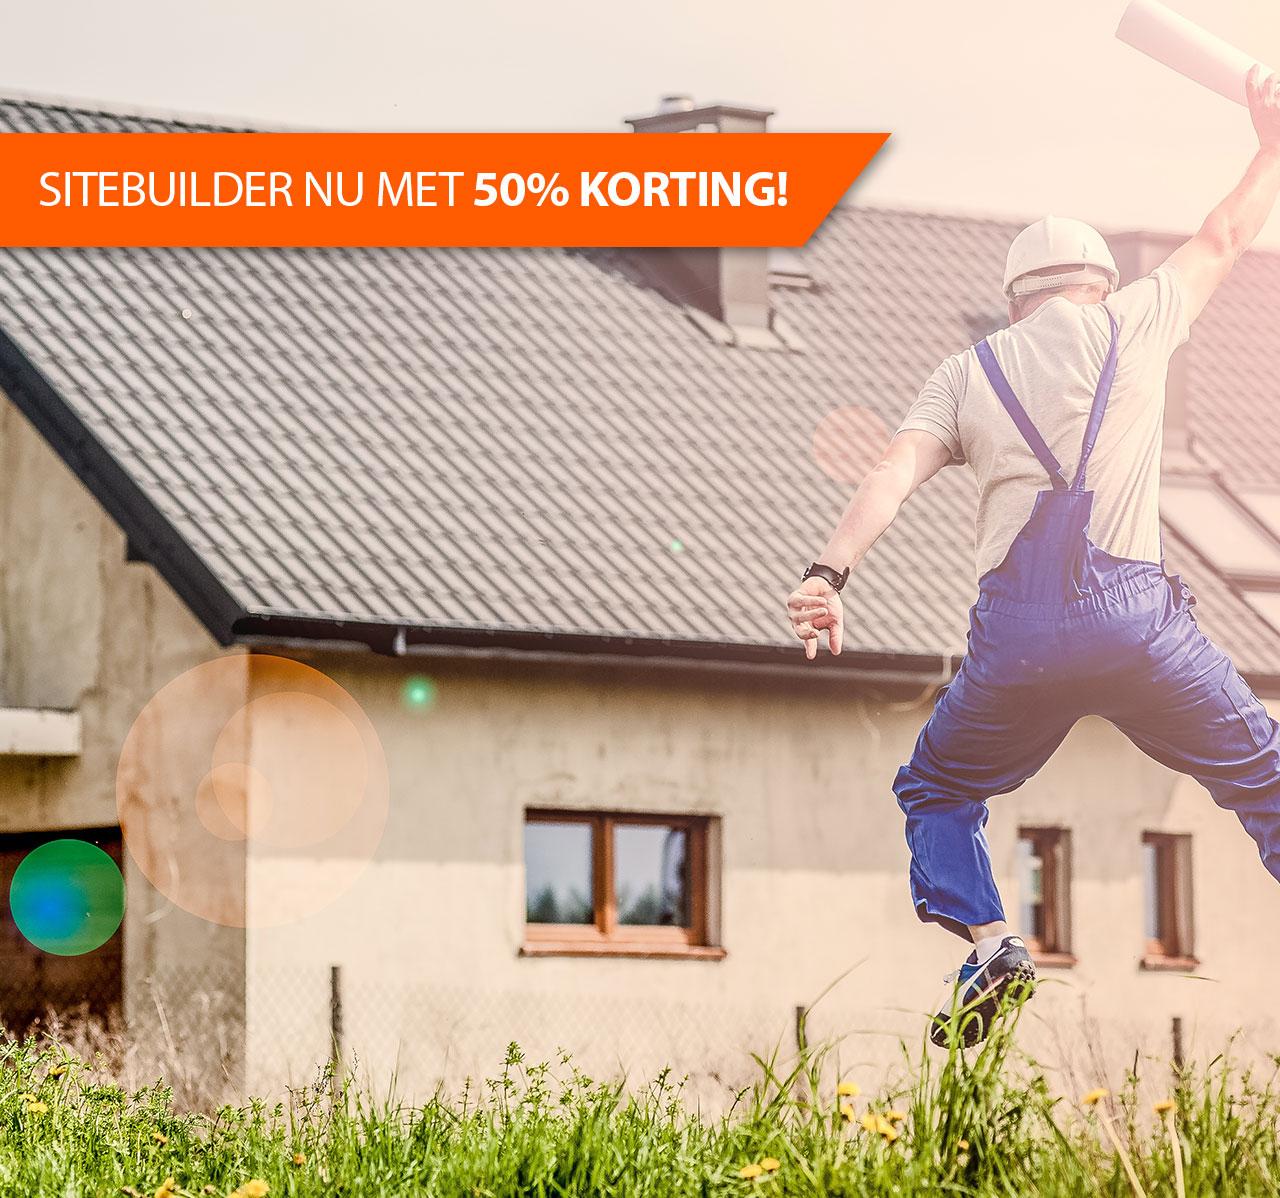 50% korting op de aanschaf van de Sitebuilder